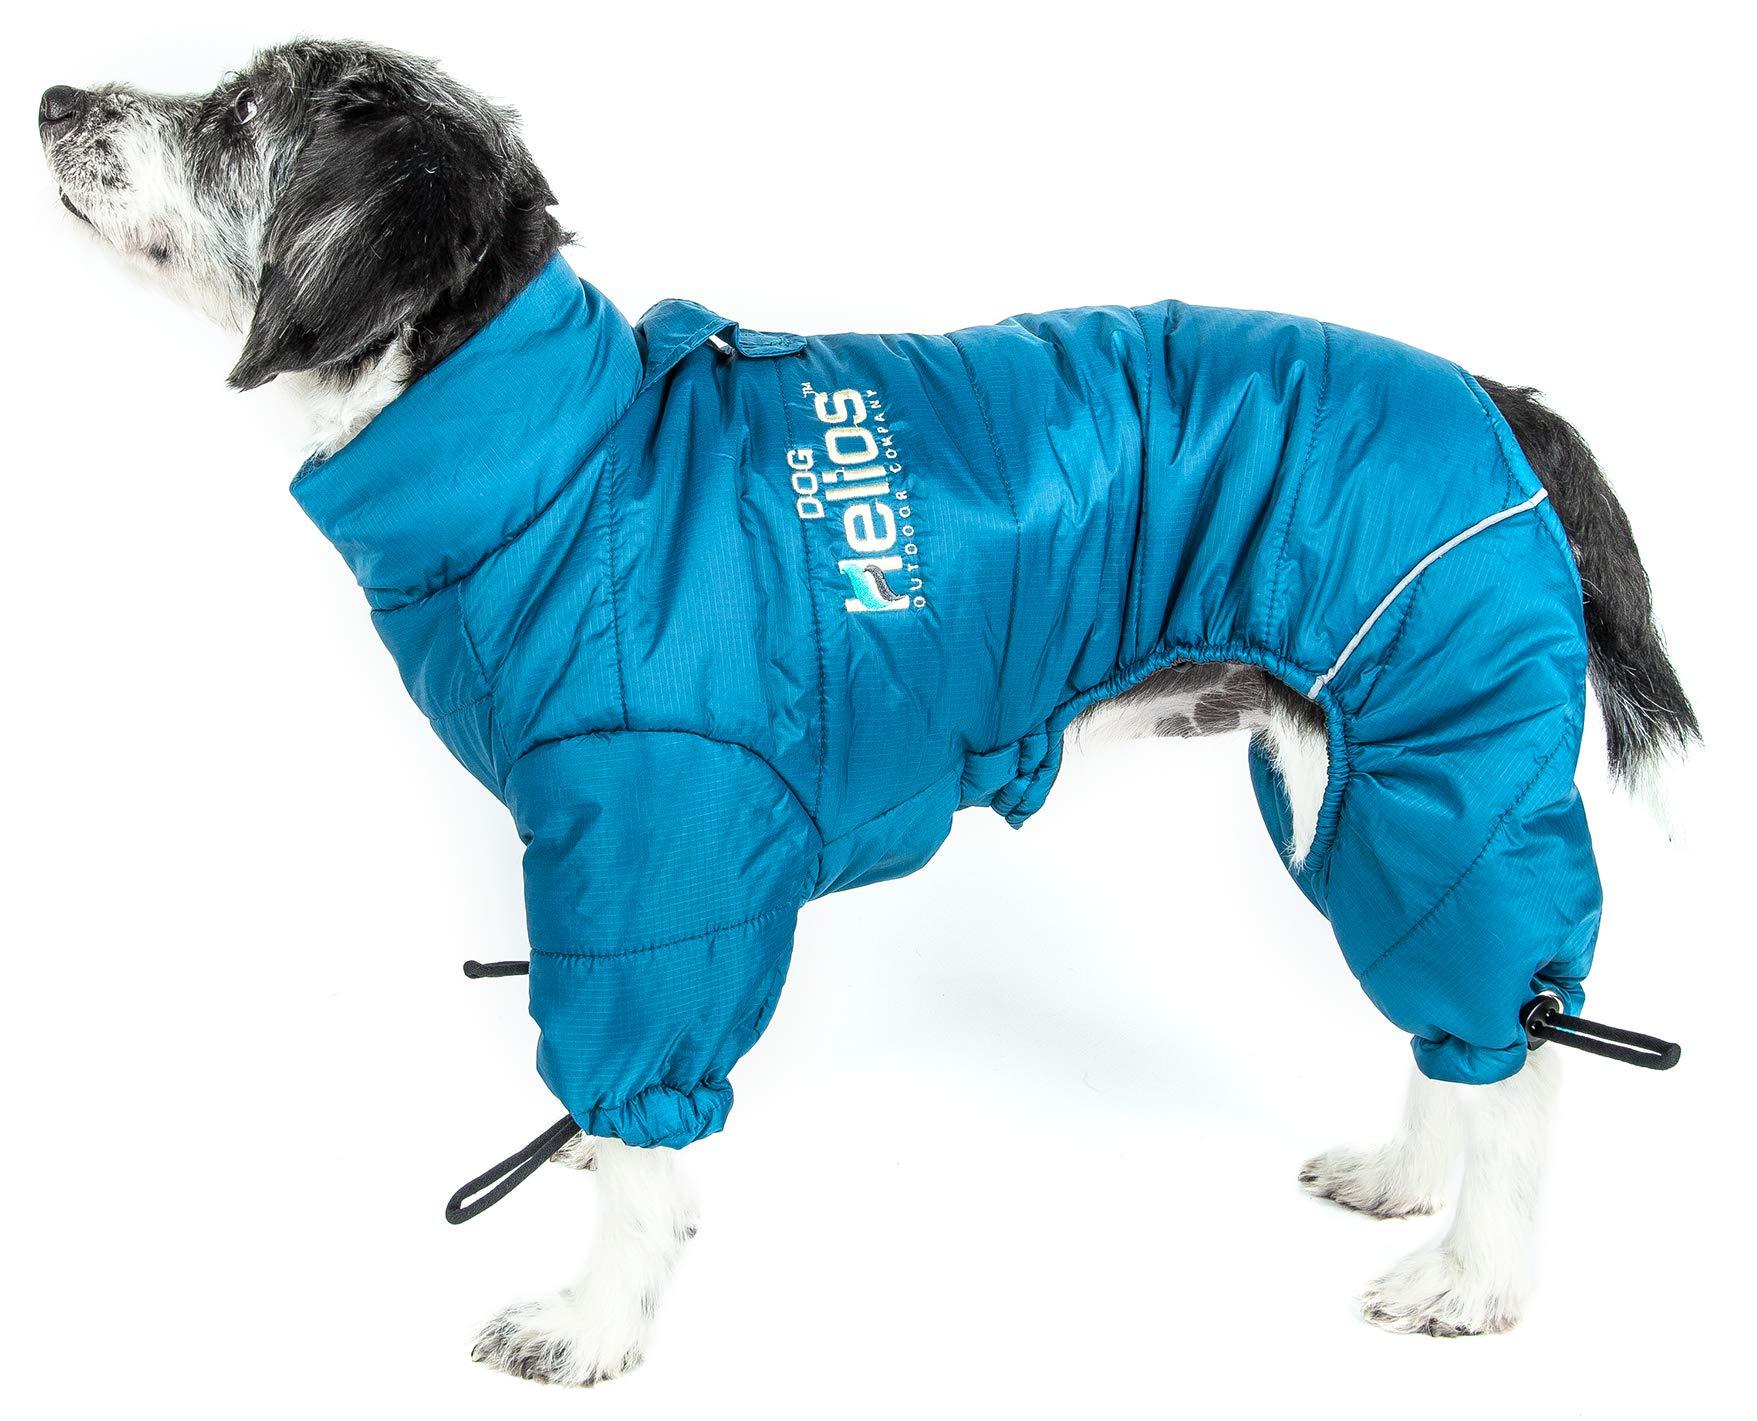 DogHelios Thunder-Crackle' Full-Body Bodied Waded-Plush Adjustable and 3M Reflective Pet Dog Jacket Coat w/Blackshark Technology, X-Large, Blue Wave